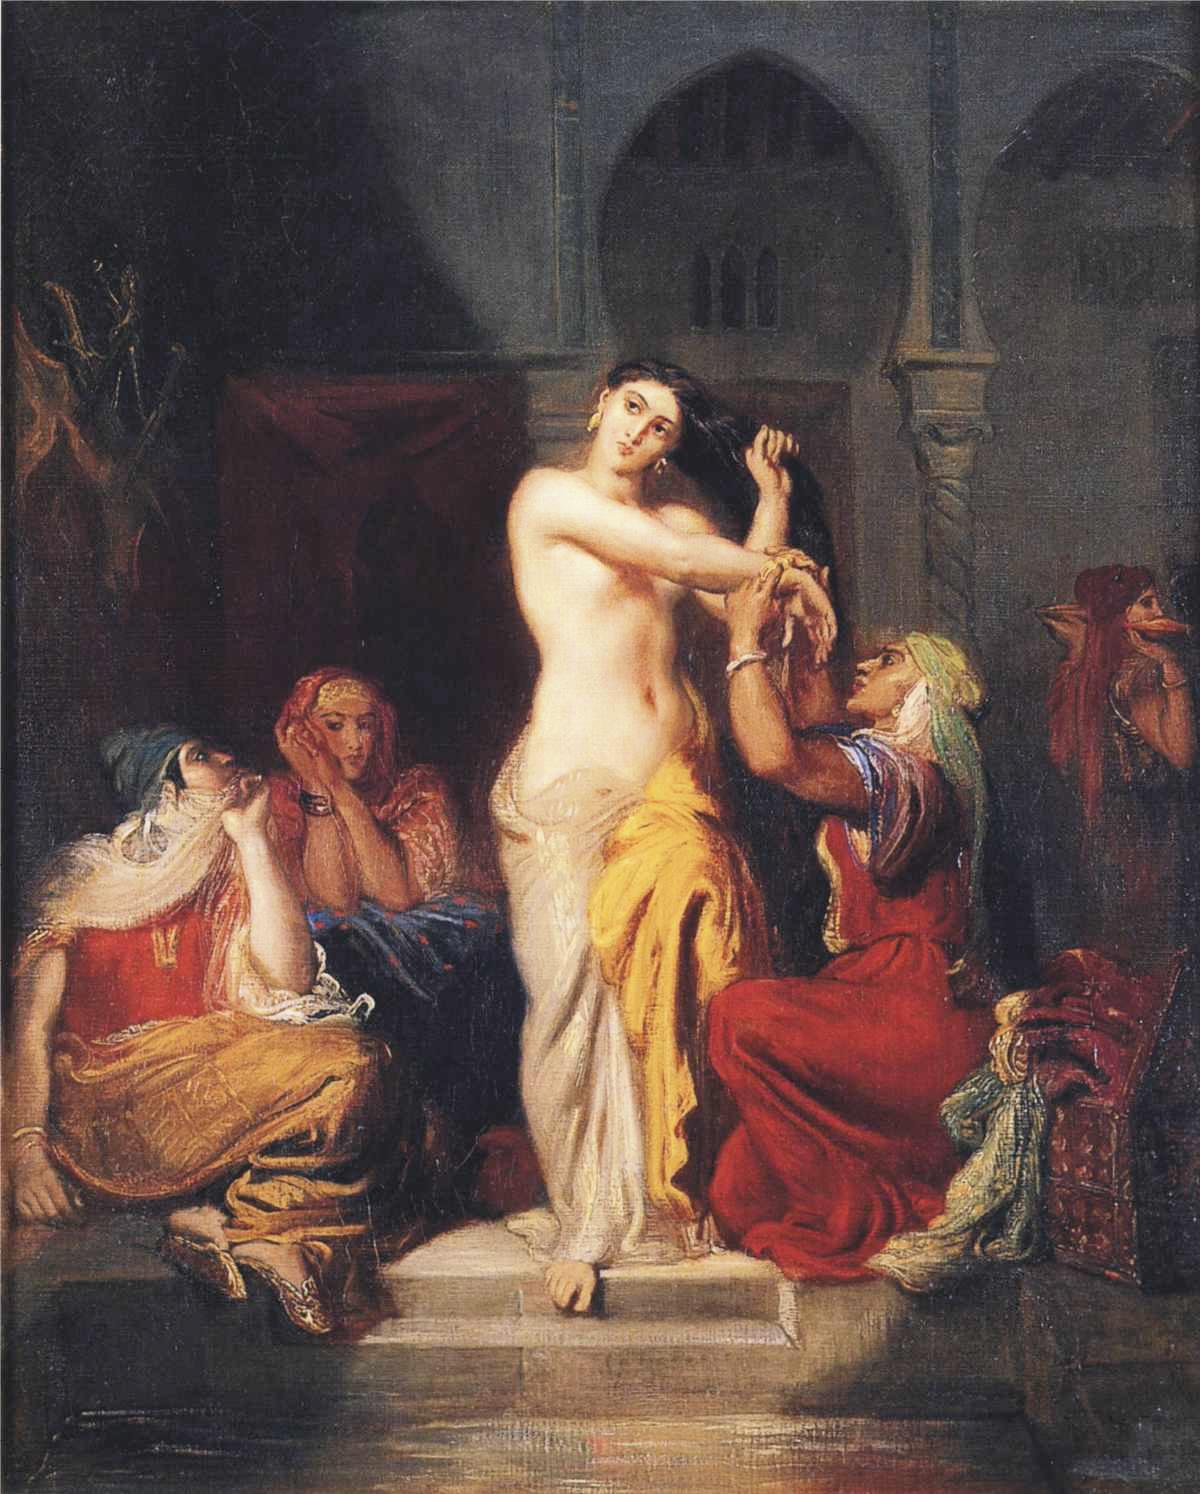 Муз принесла что держит женщина на картине в бане кто-то любой момент